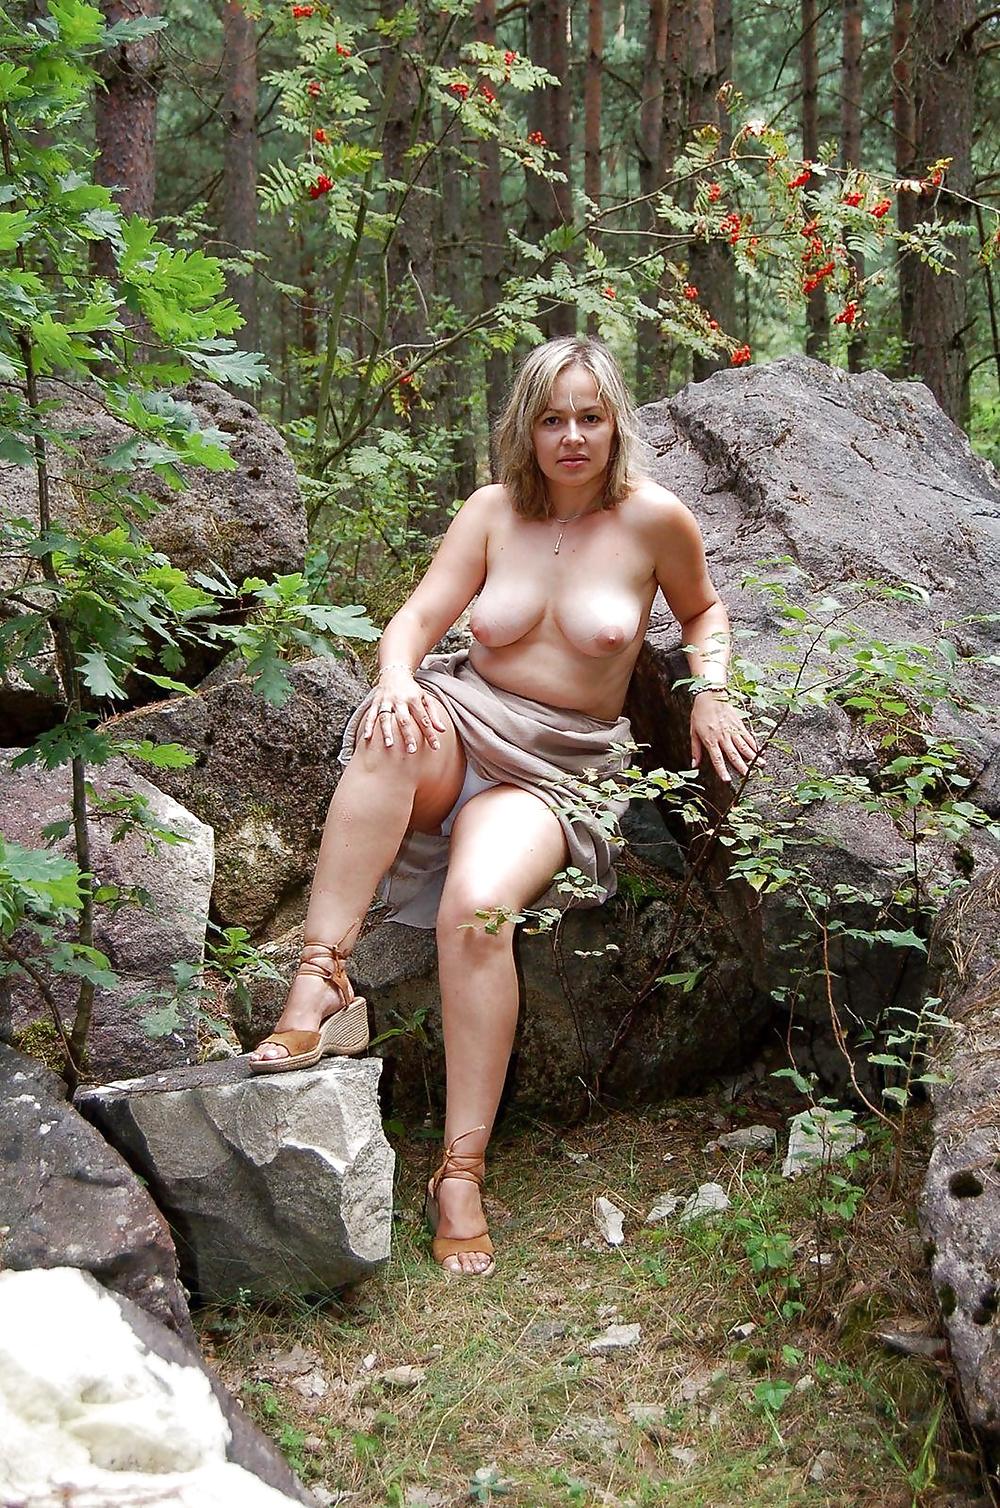 Люди ебутся откровенные порно фото в лесу зрелых баб художественный